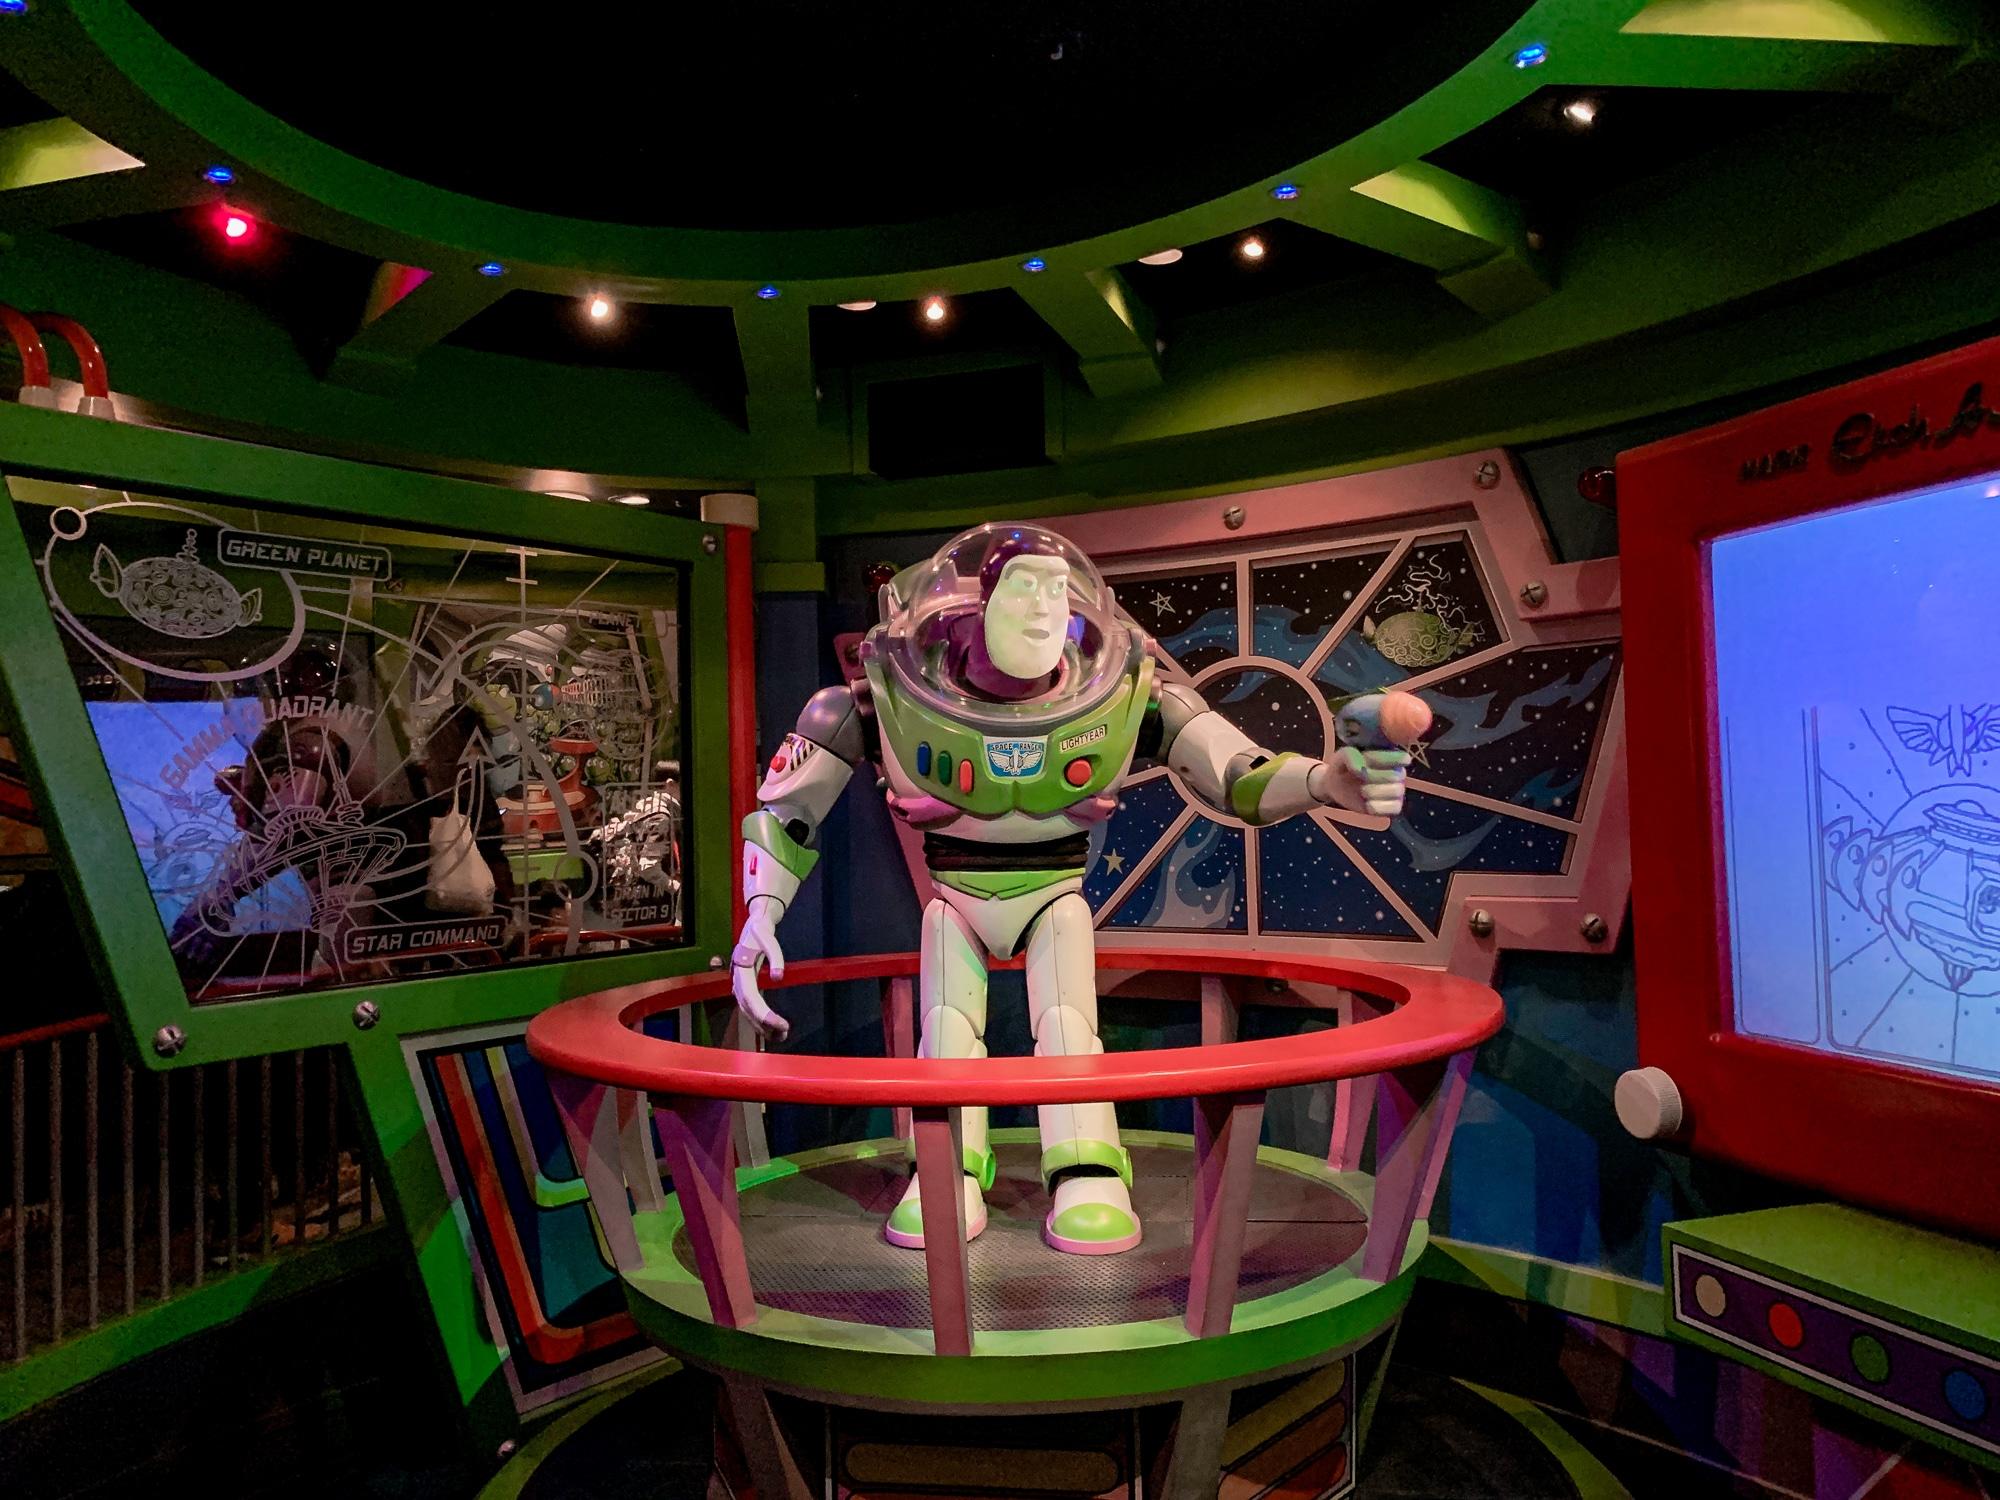 Disneyland Tokio: Meine Erfahrungen, Attraktionen und Highlights im Park - Buzz Lightyear's Astro Blasters